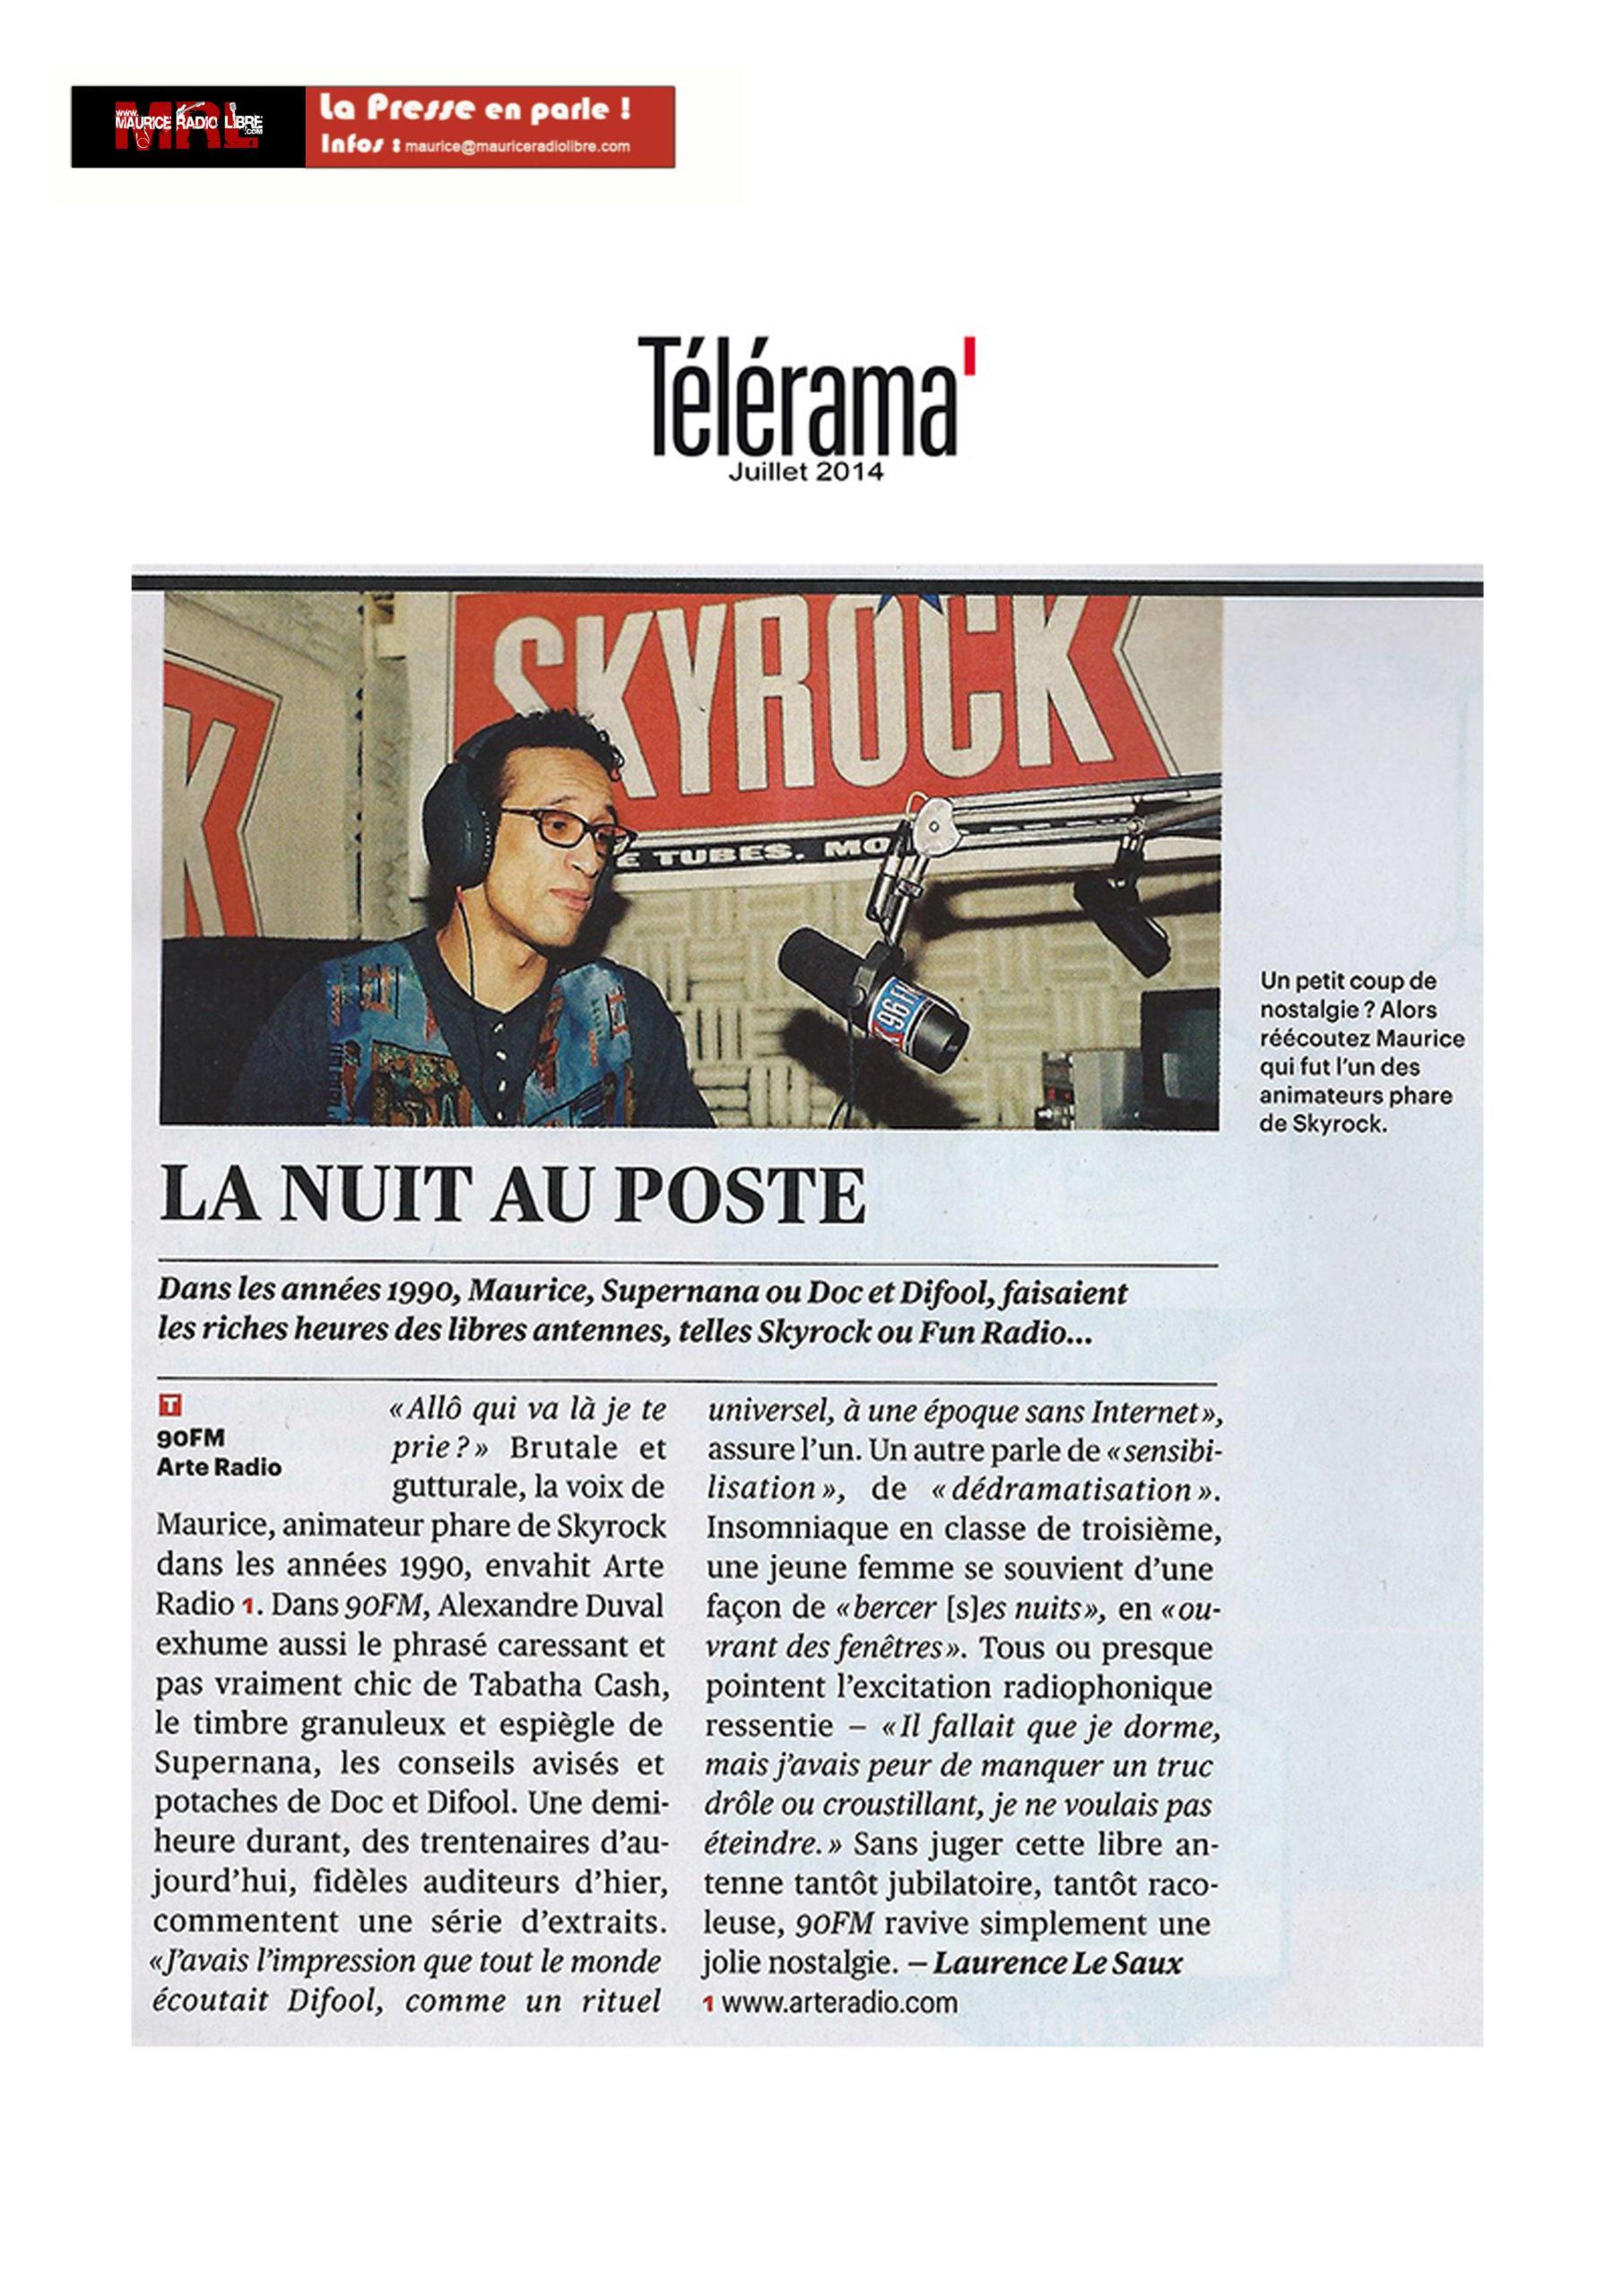 vignette Télérama La nuit au poste - Juillet 2014